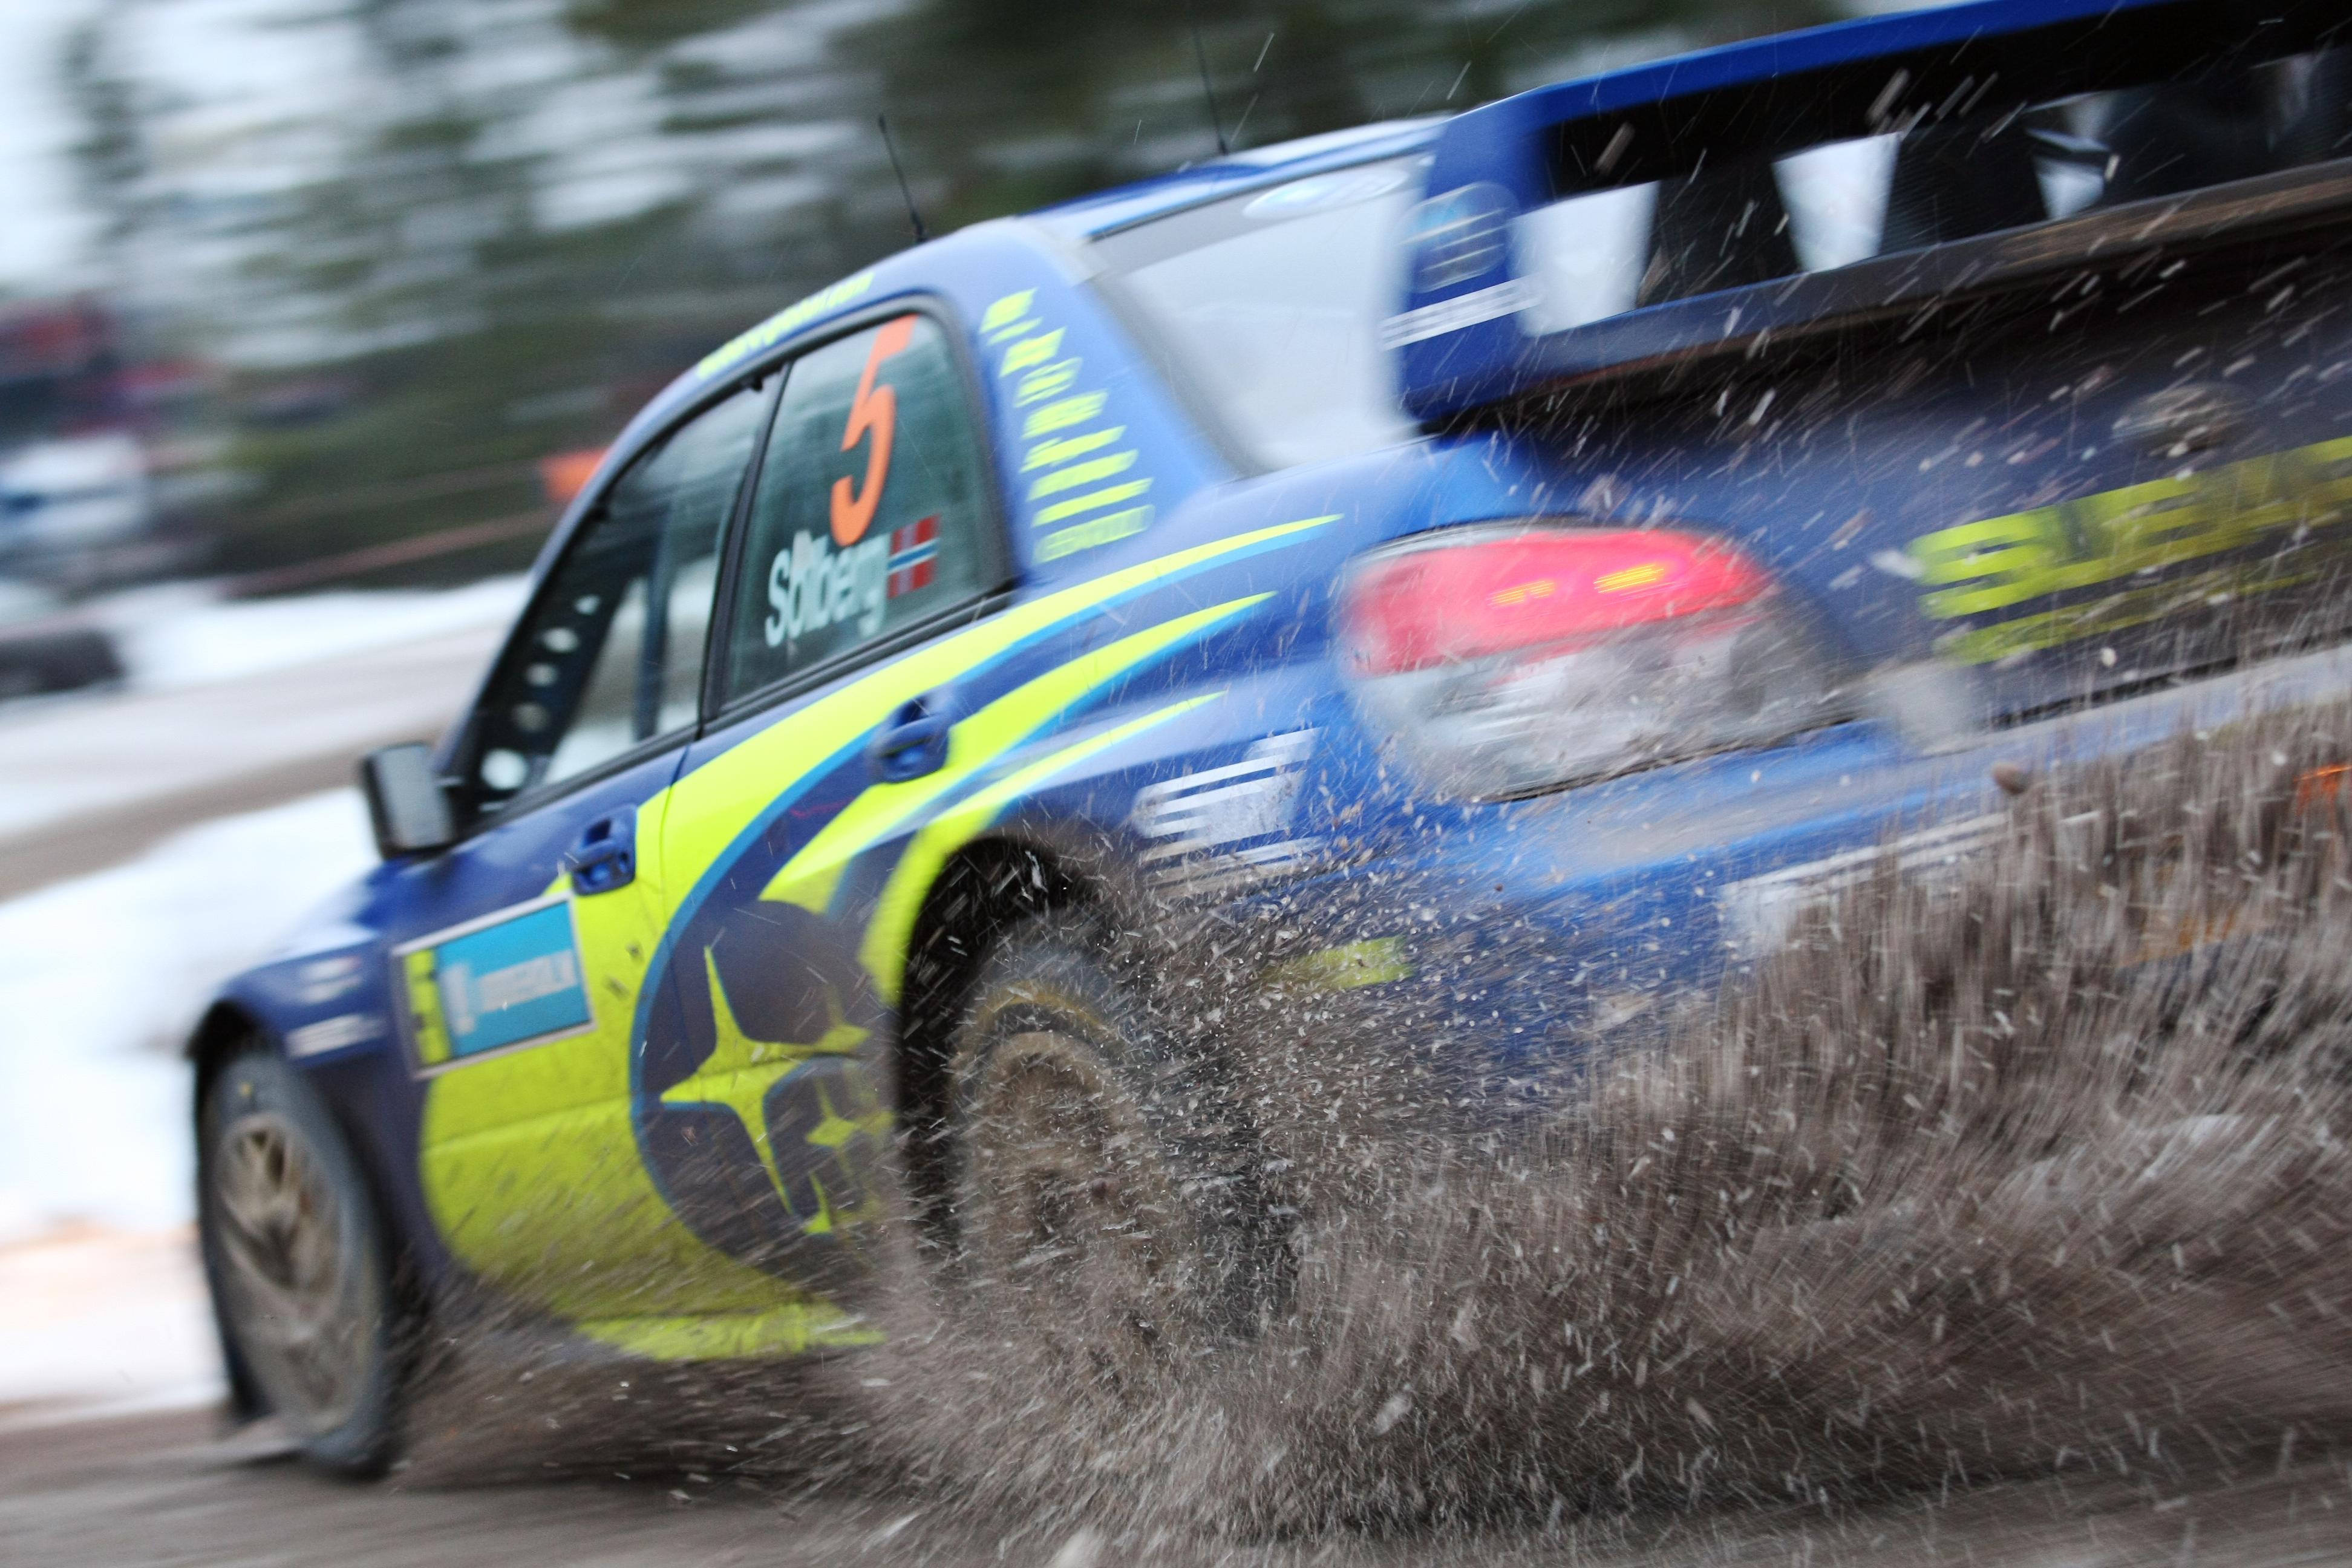 Subaru Wrx Rally Car Wallpaper Car Subaru Subaru Impreza Rally Cars Wallpapers Hd